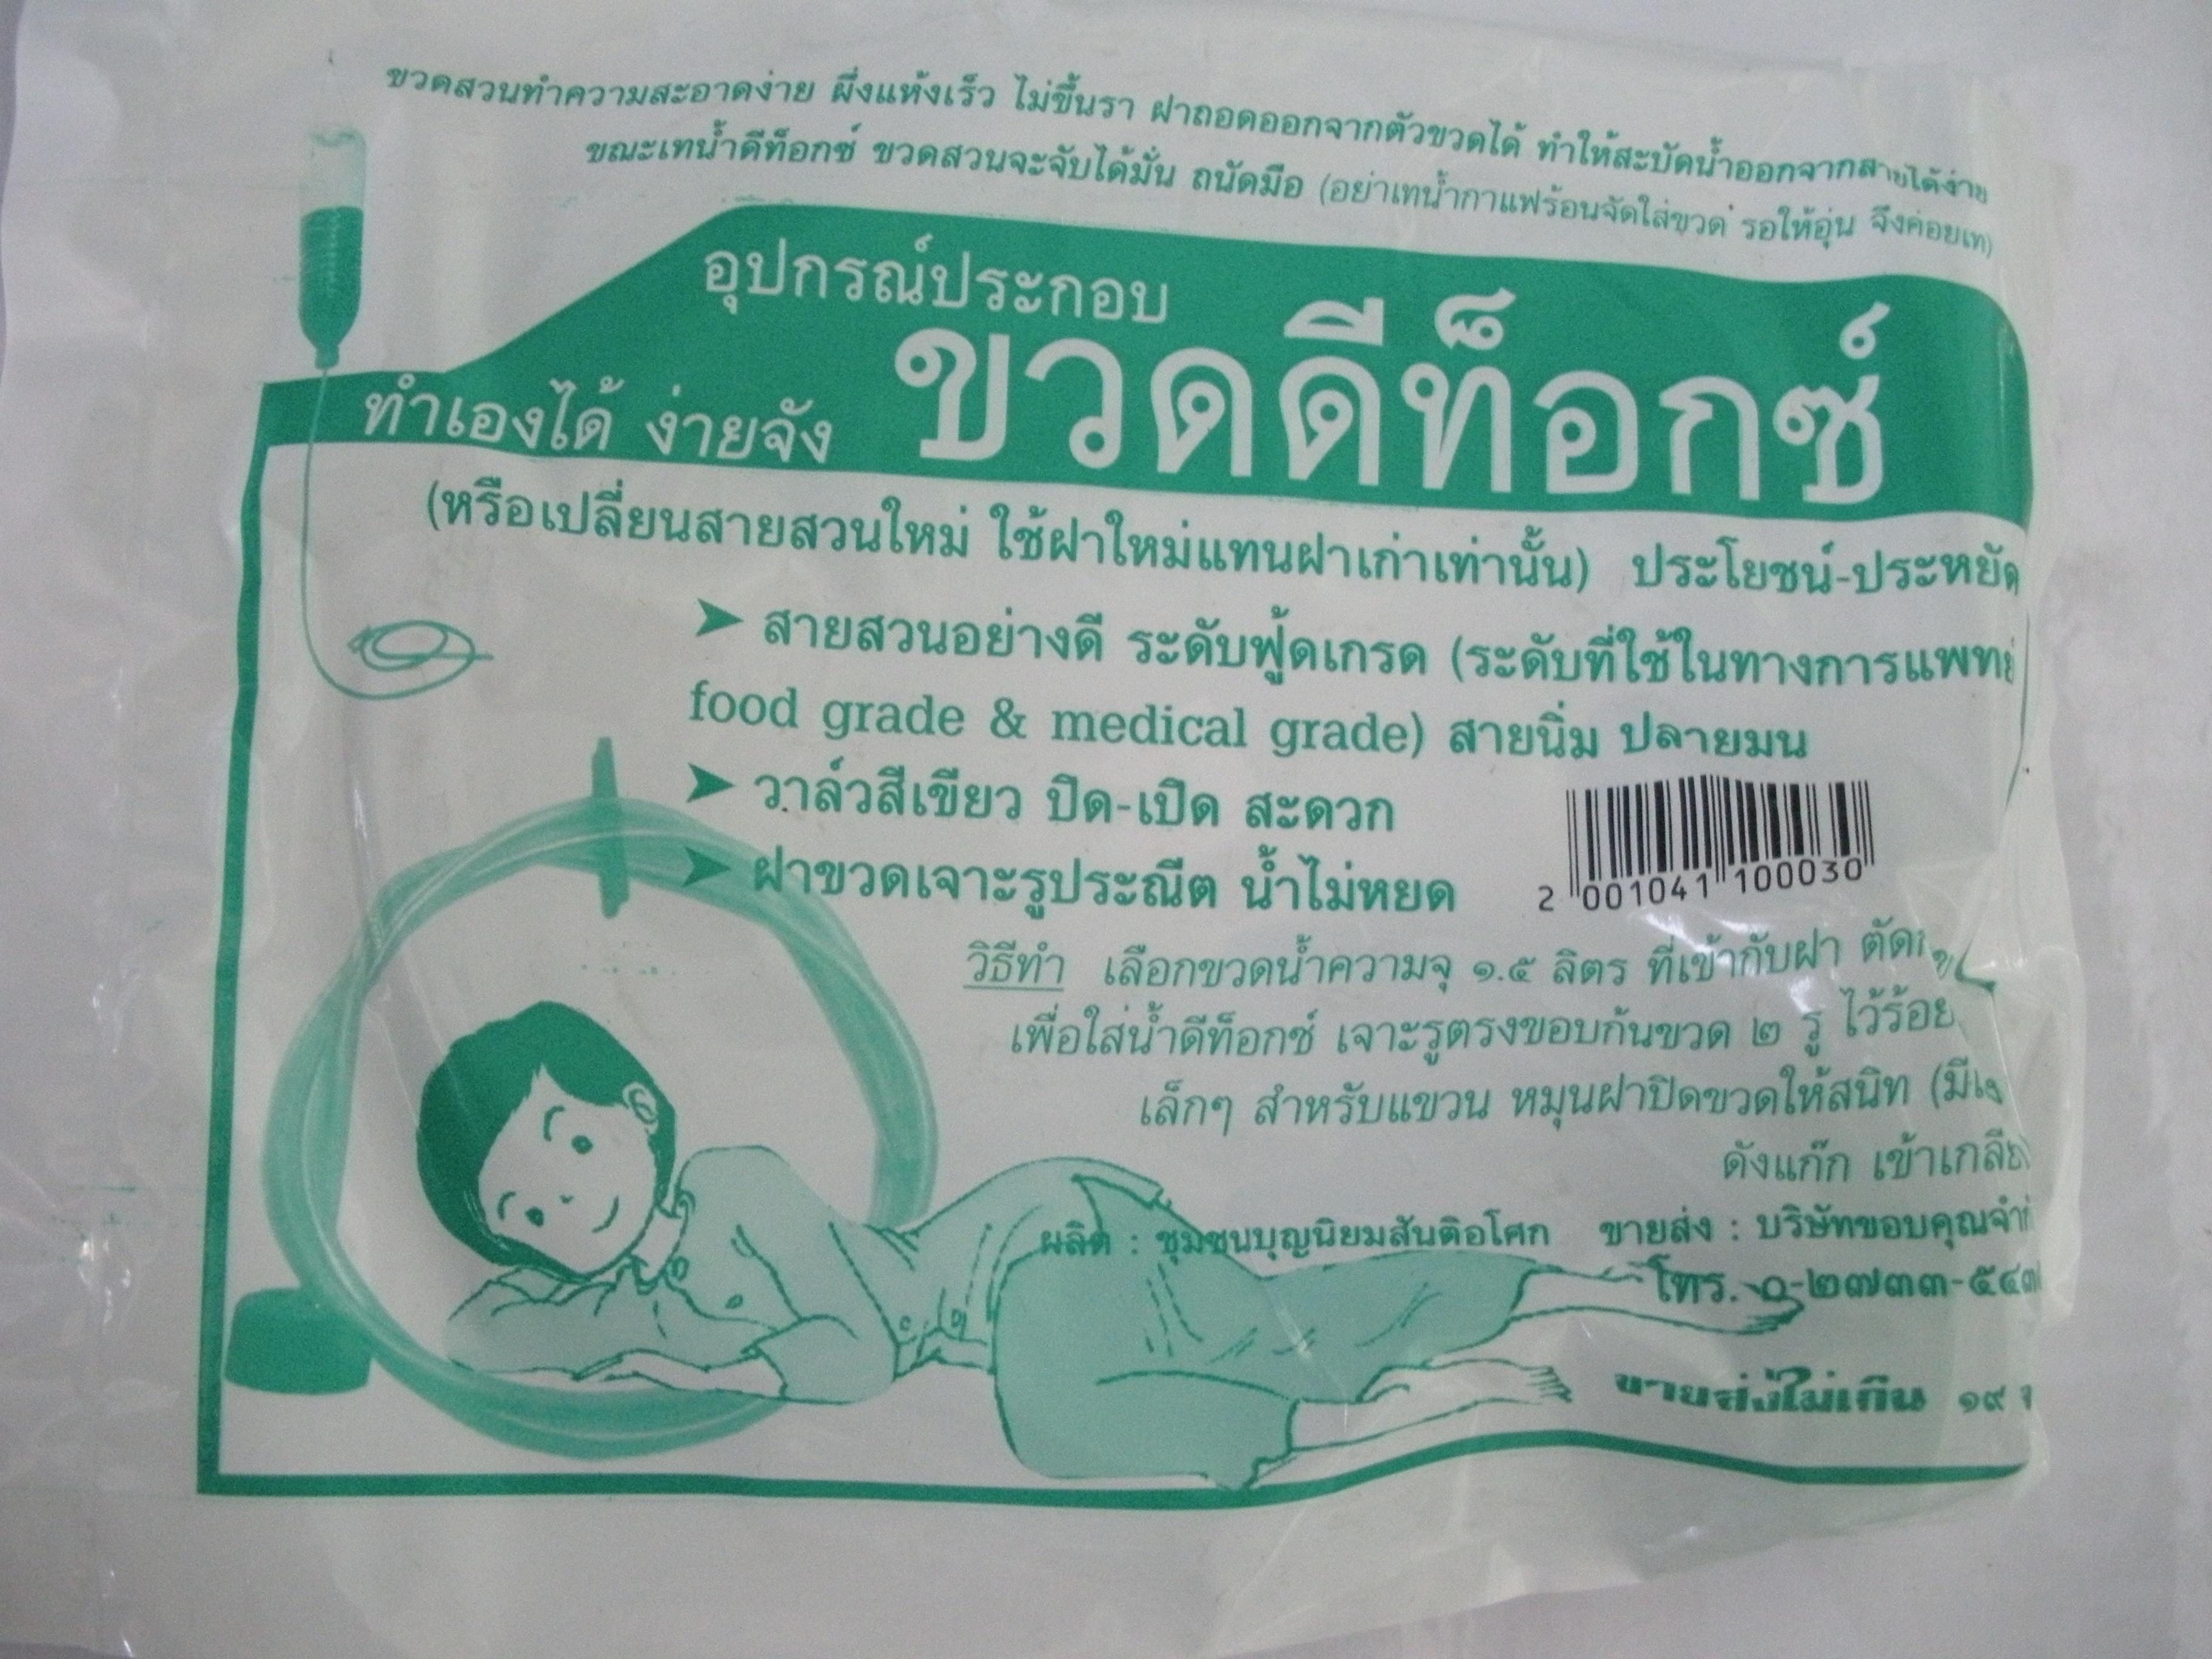 สายขวดดีท็อกซ์ ฝาเขียว (Colon Detoxification tube)